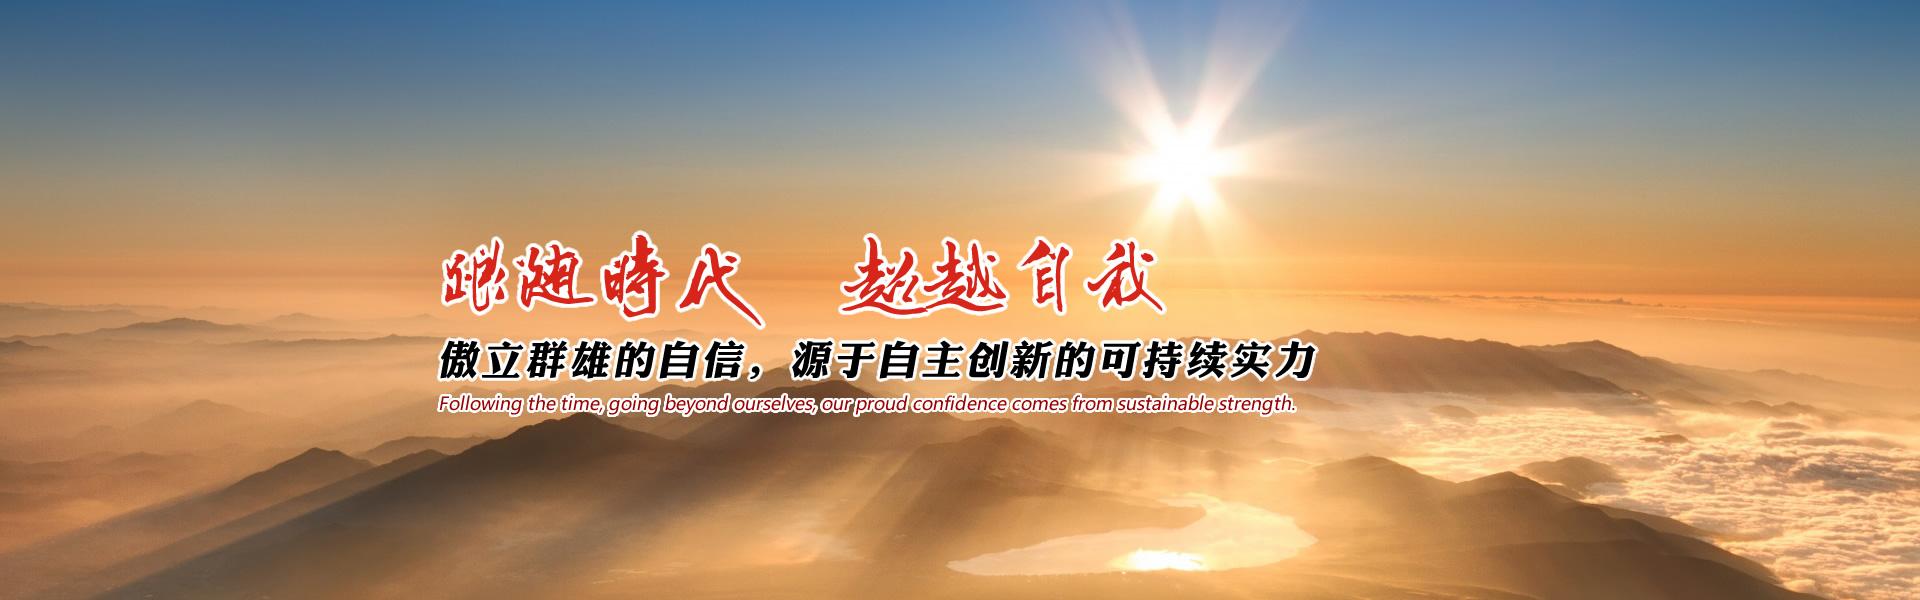 長沙鼓風機廠有限責(ze)任公(gong)司